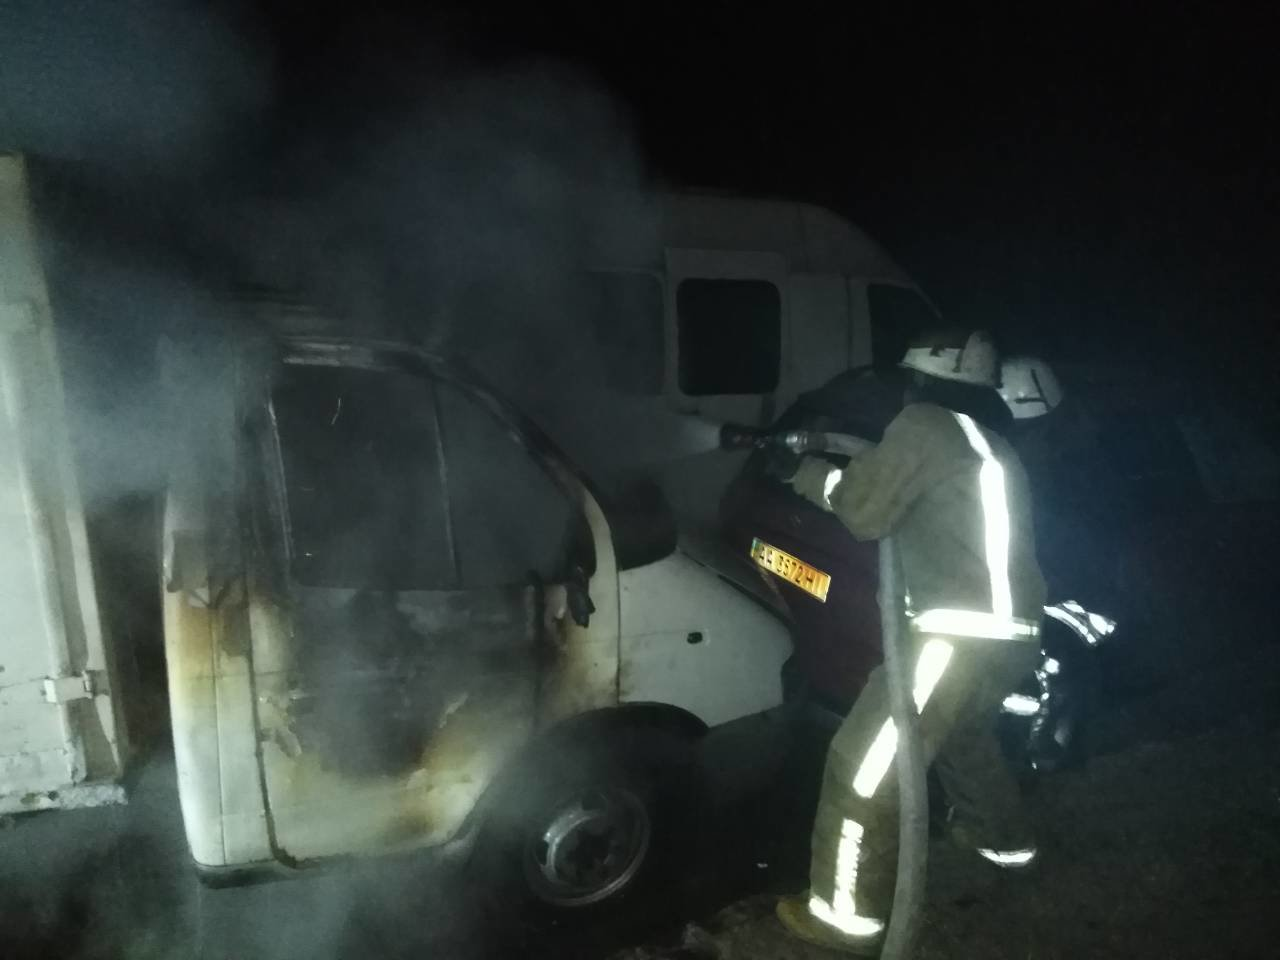 Вночі на вихідних у Білій Церкві горів вантажний автомобіль, фото-1